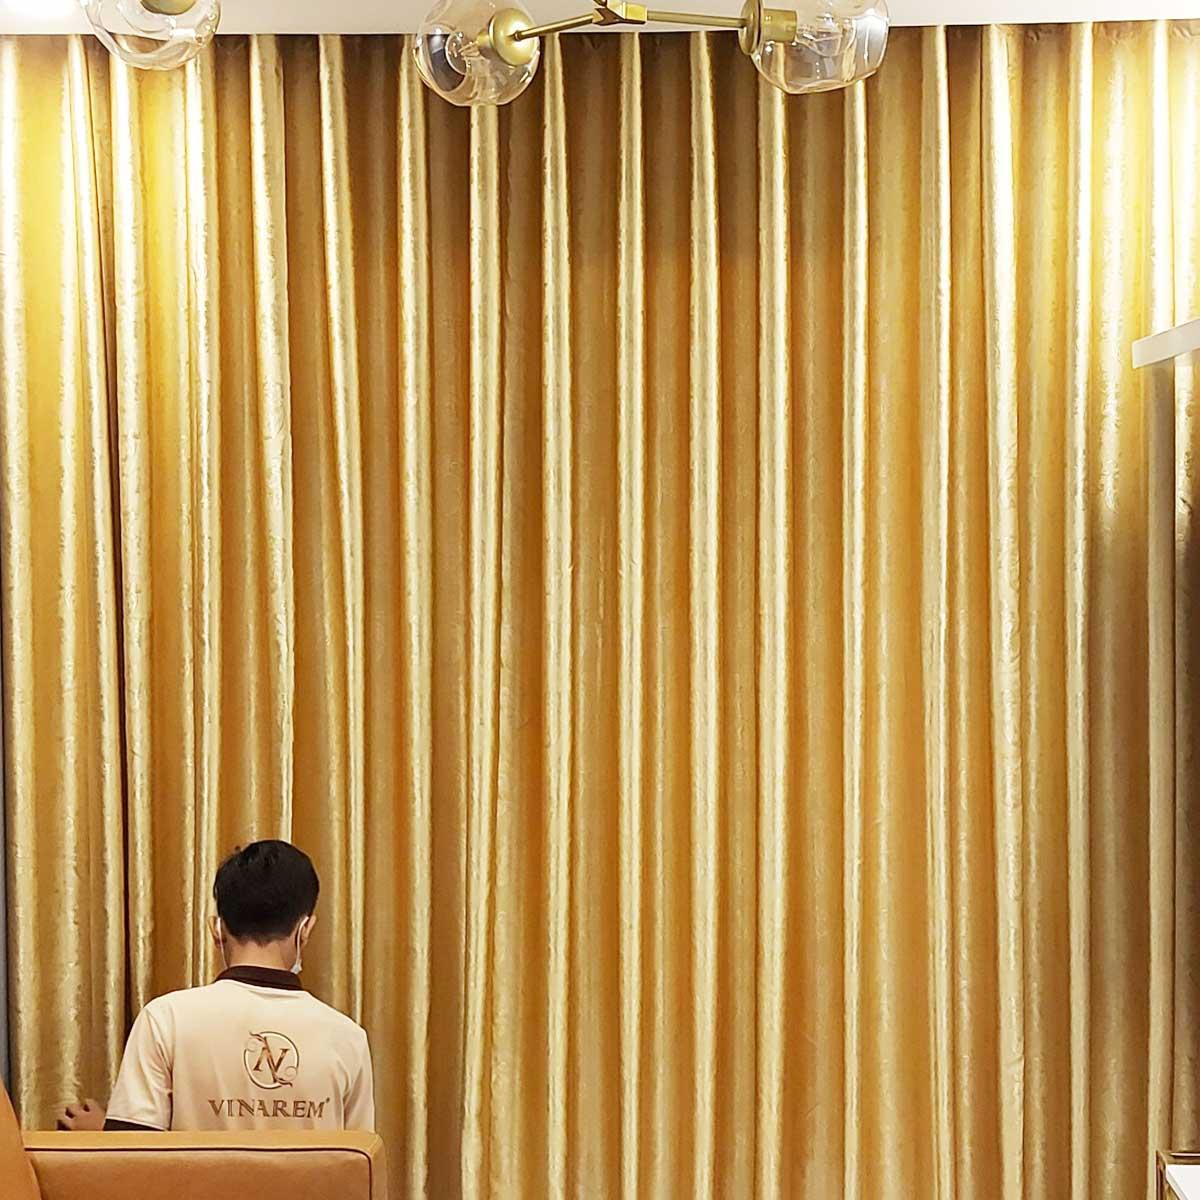 Rèm vải một lớp cao cấp màu vàng cho căn hộ chung cư